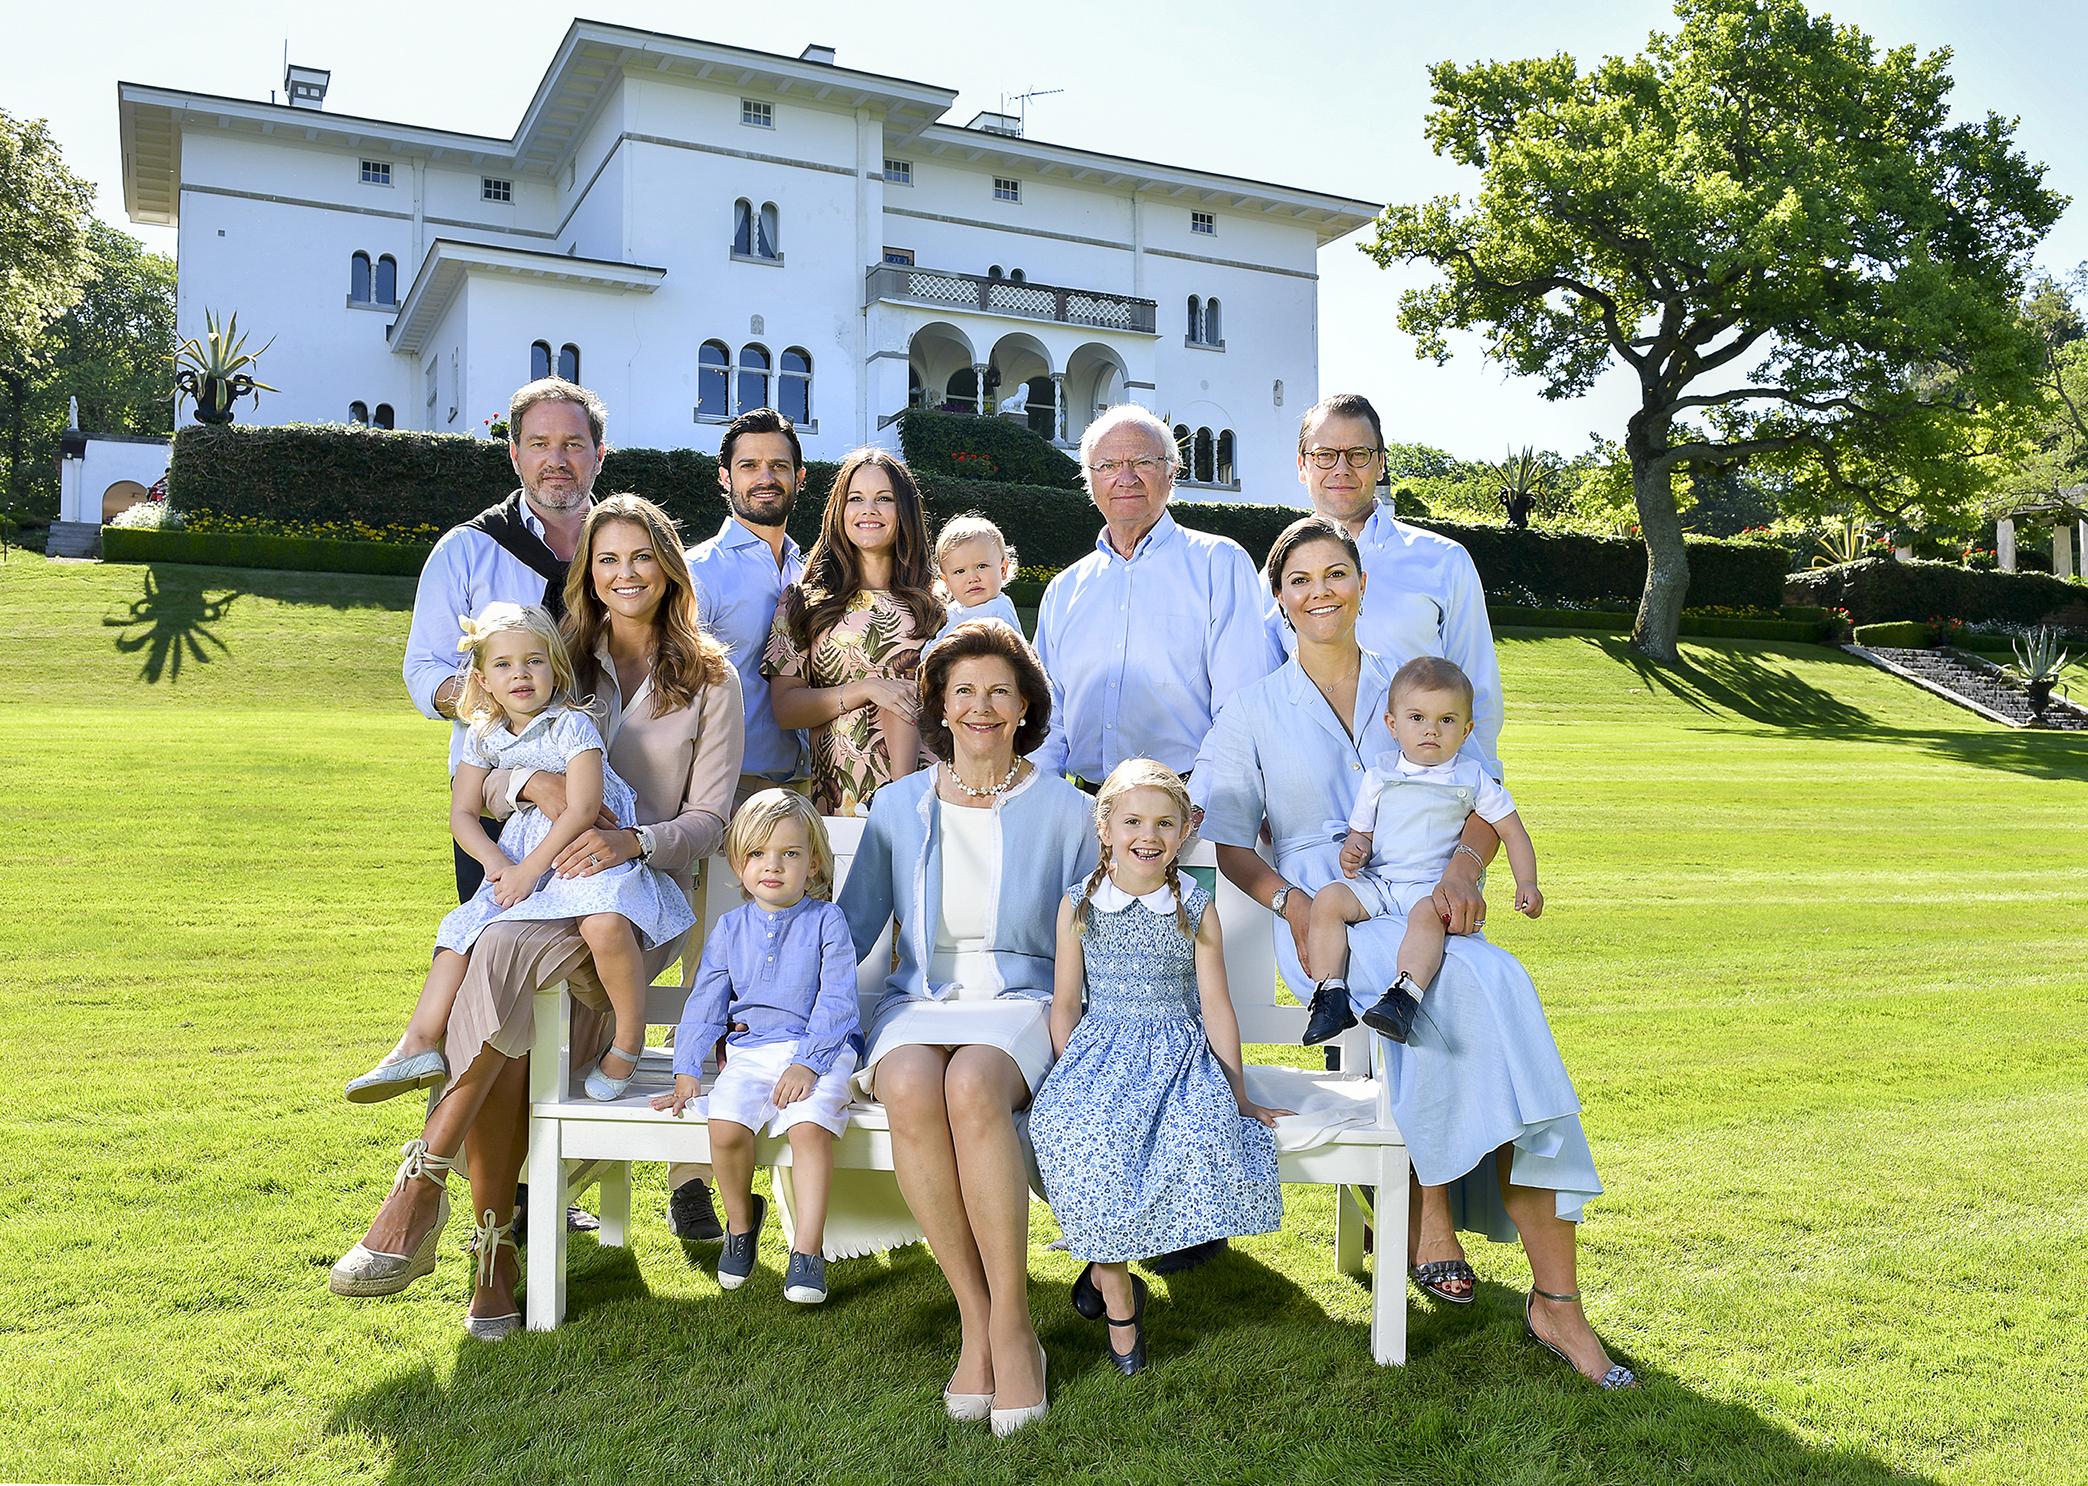 Die schwedische Königsfamilie muss wegen ihrer Privilegien viel Kritik einstecken.   Foto:Jonas Ekströmer, Kungahuset.se